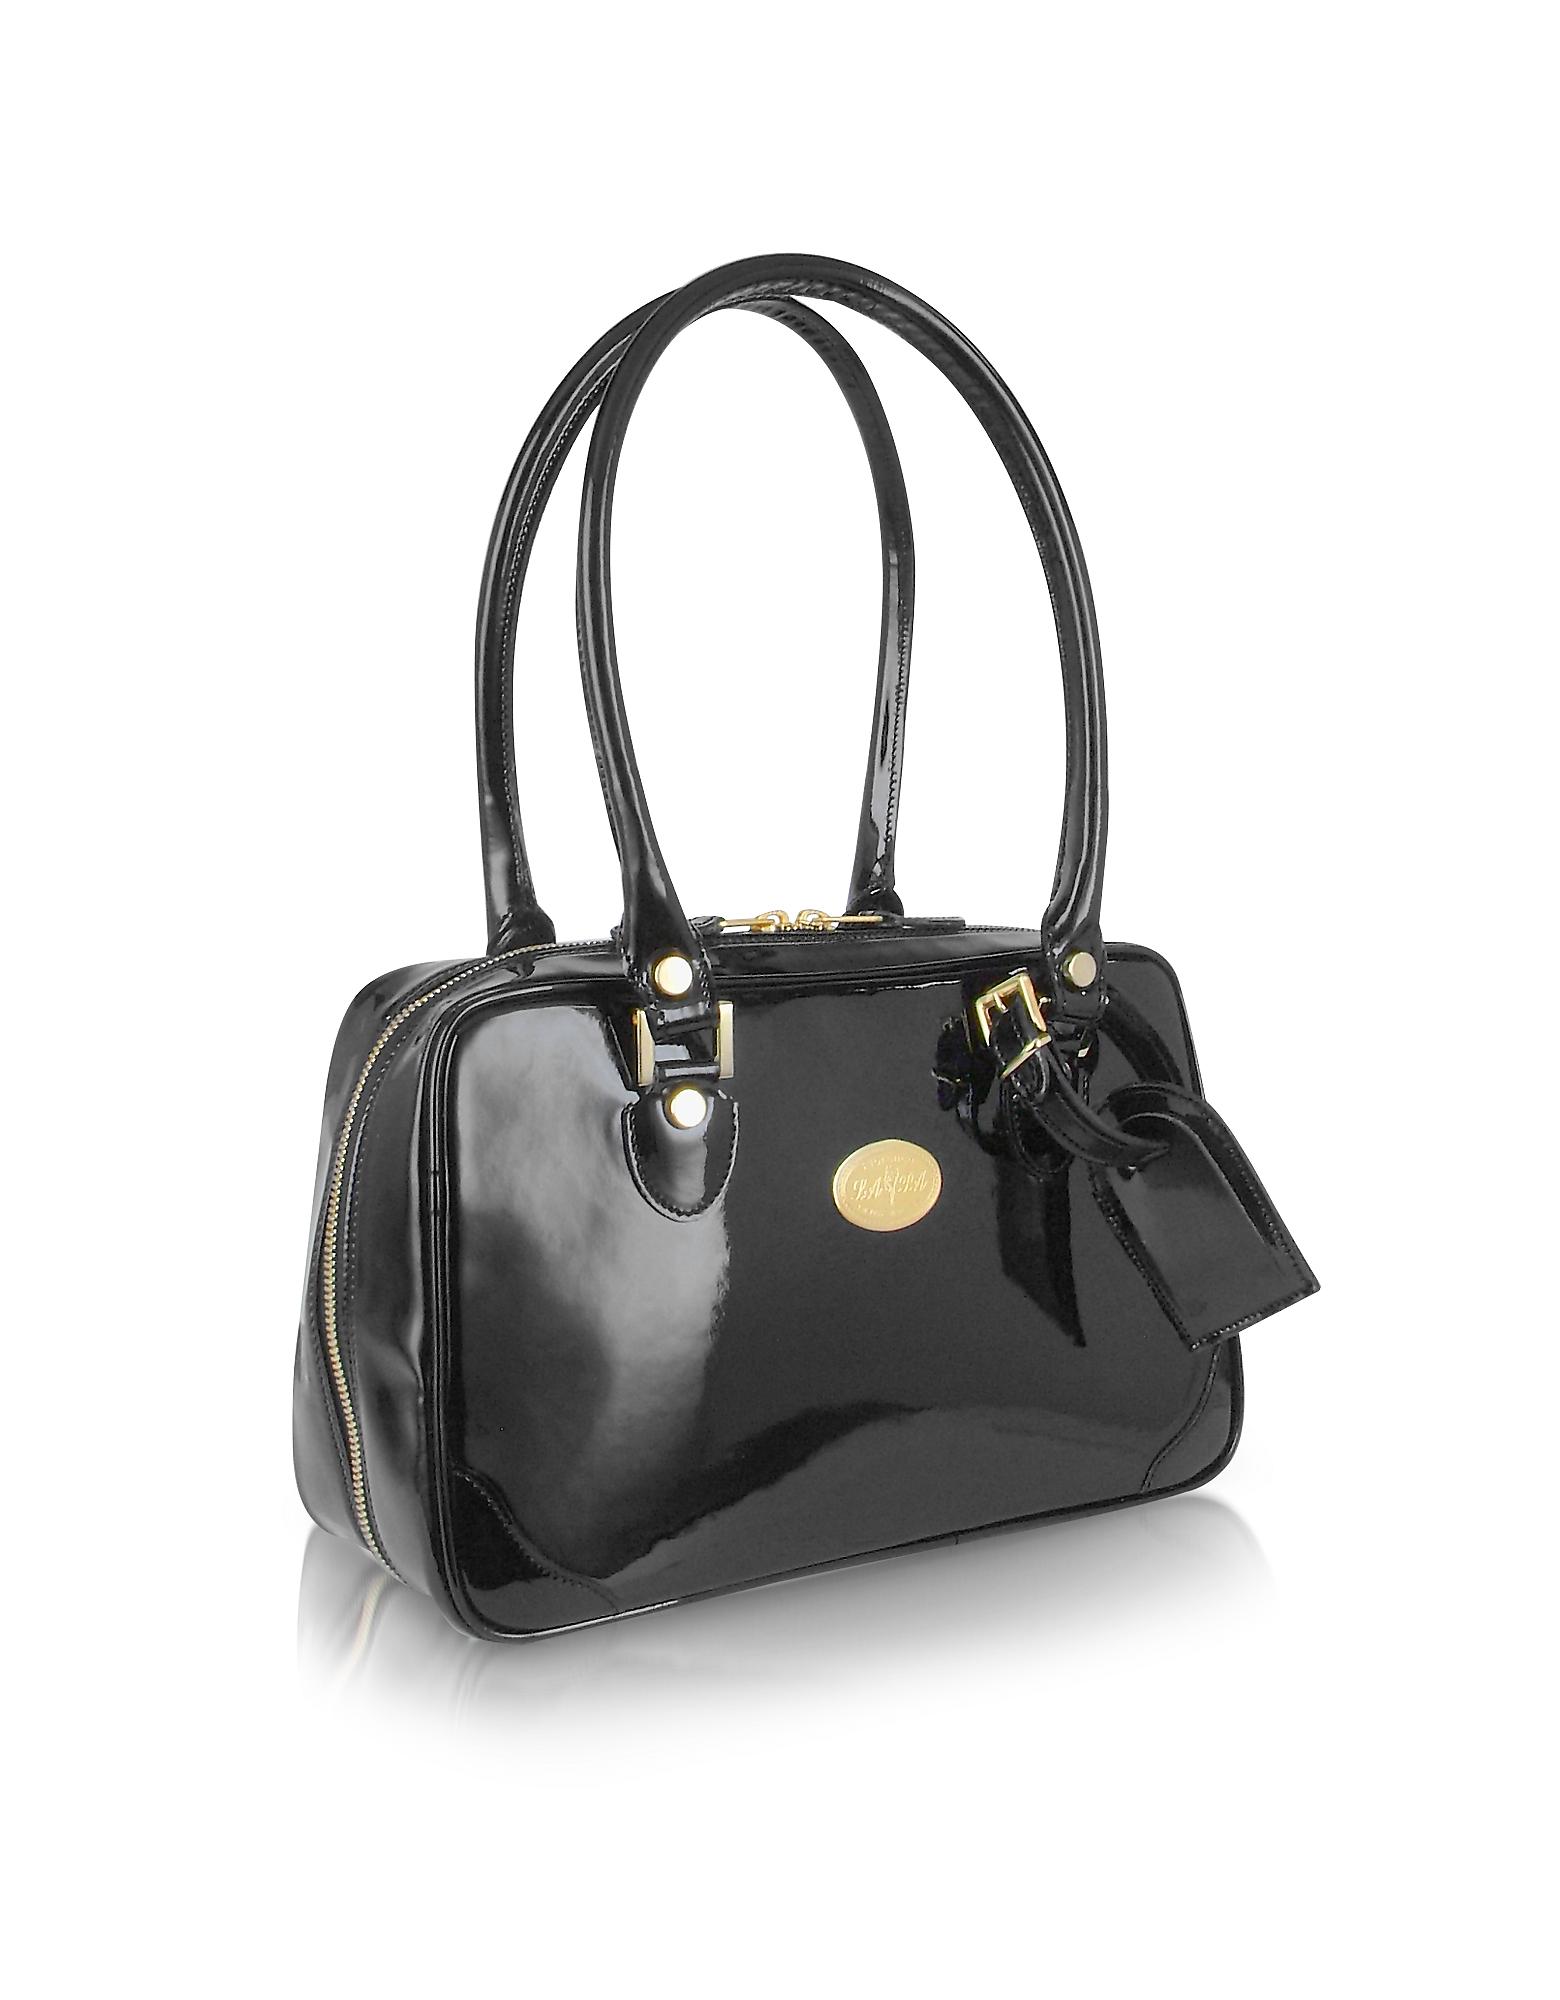 L.A.P.A. Handbags, Black Italian Patent Leather Shoulder Bag